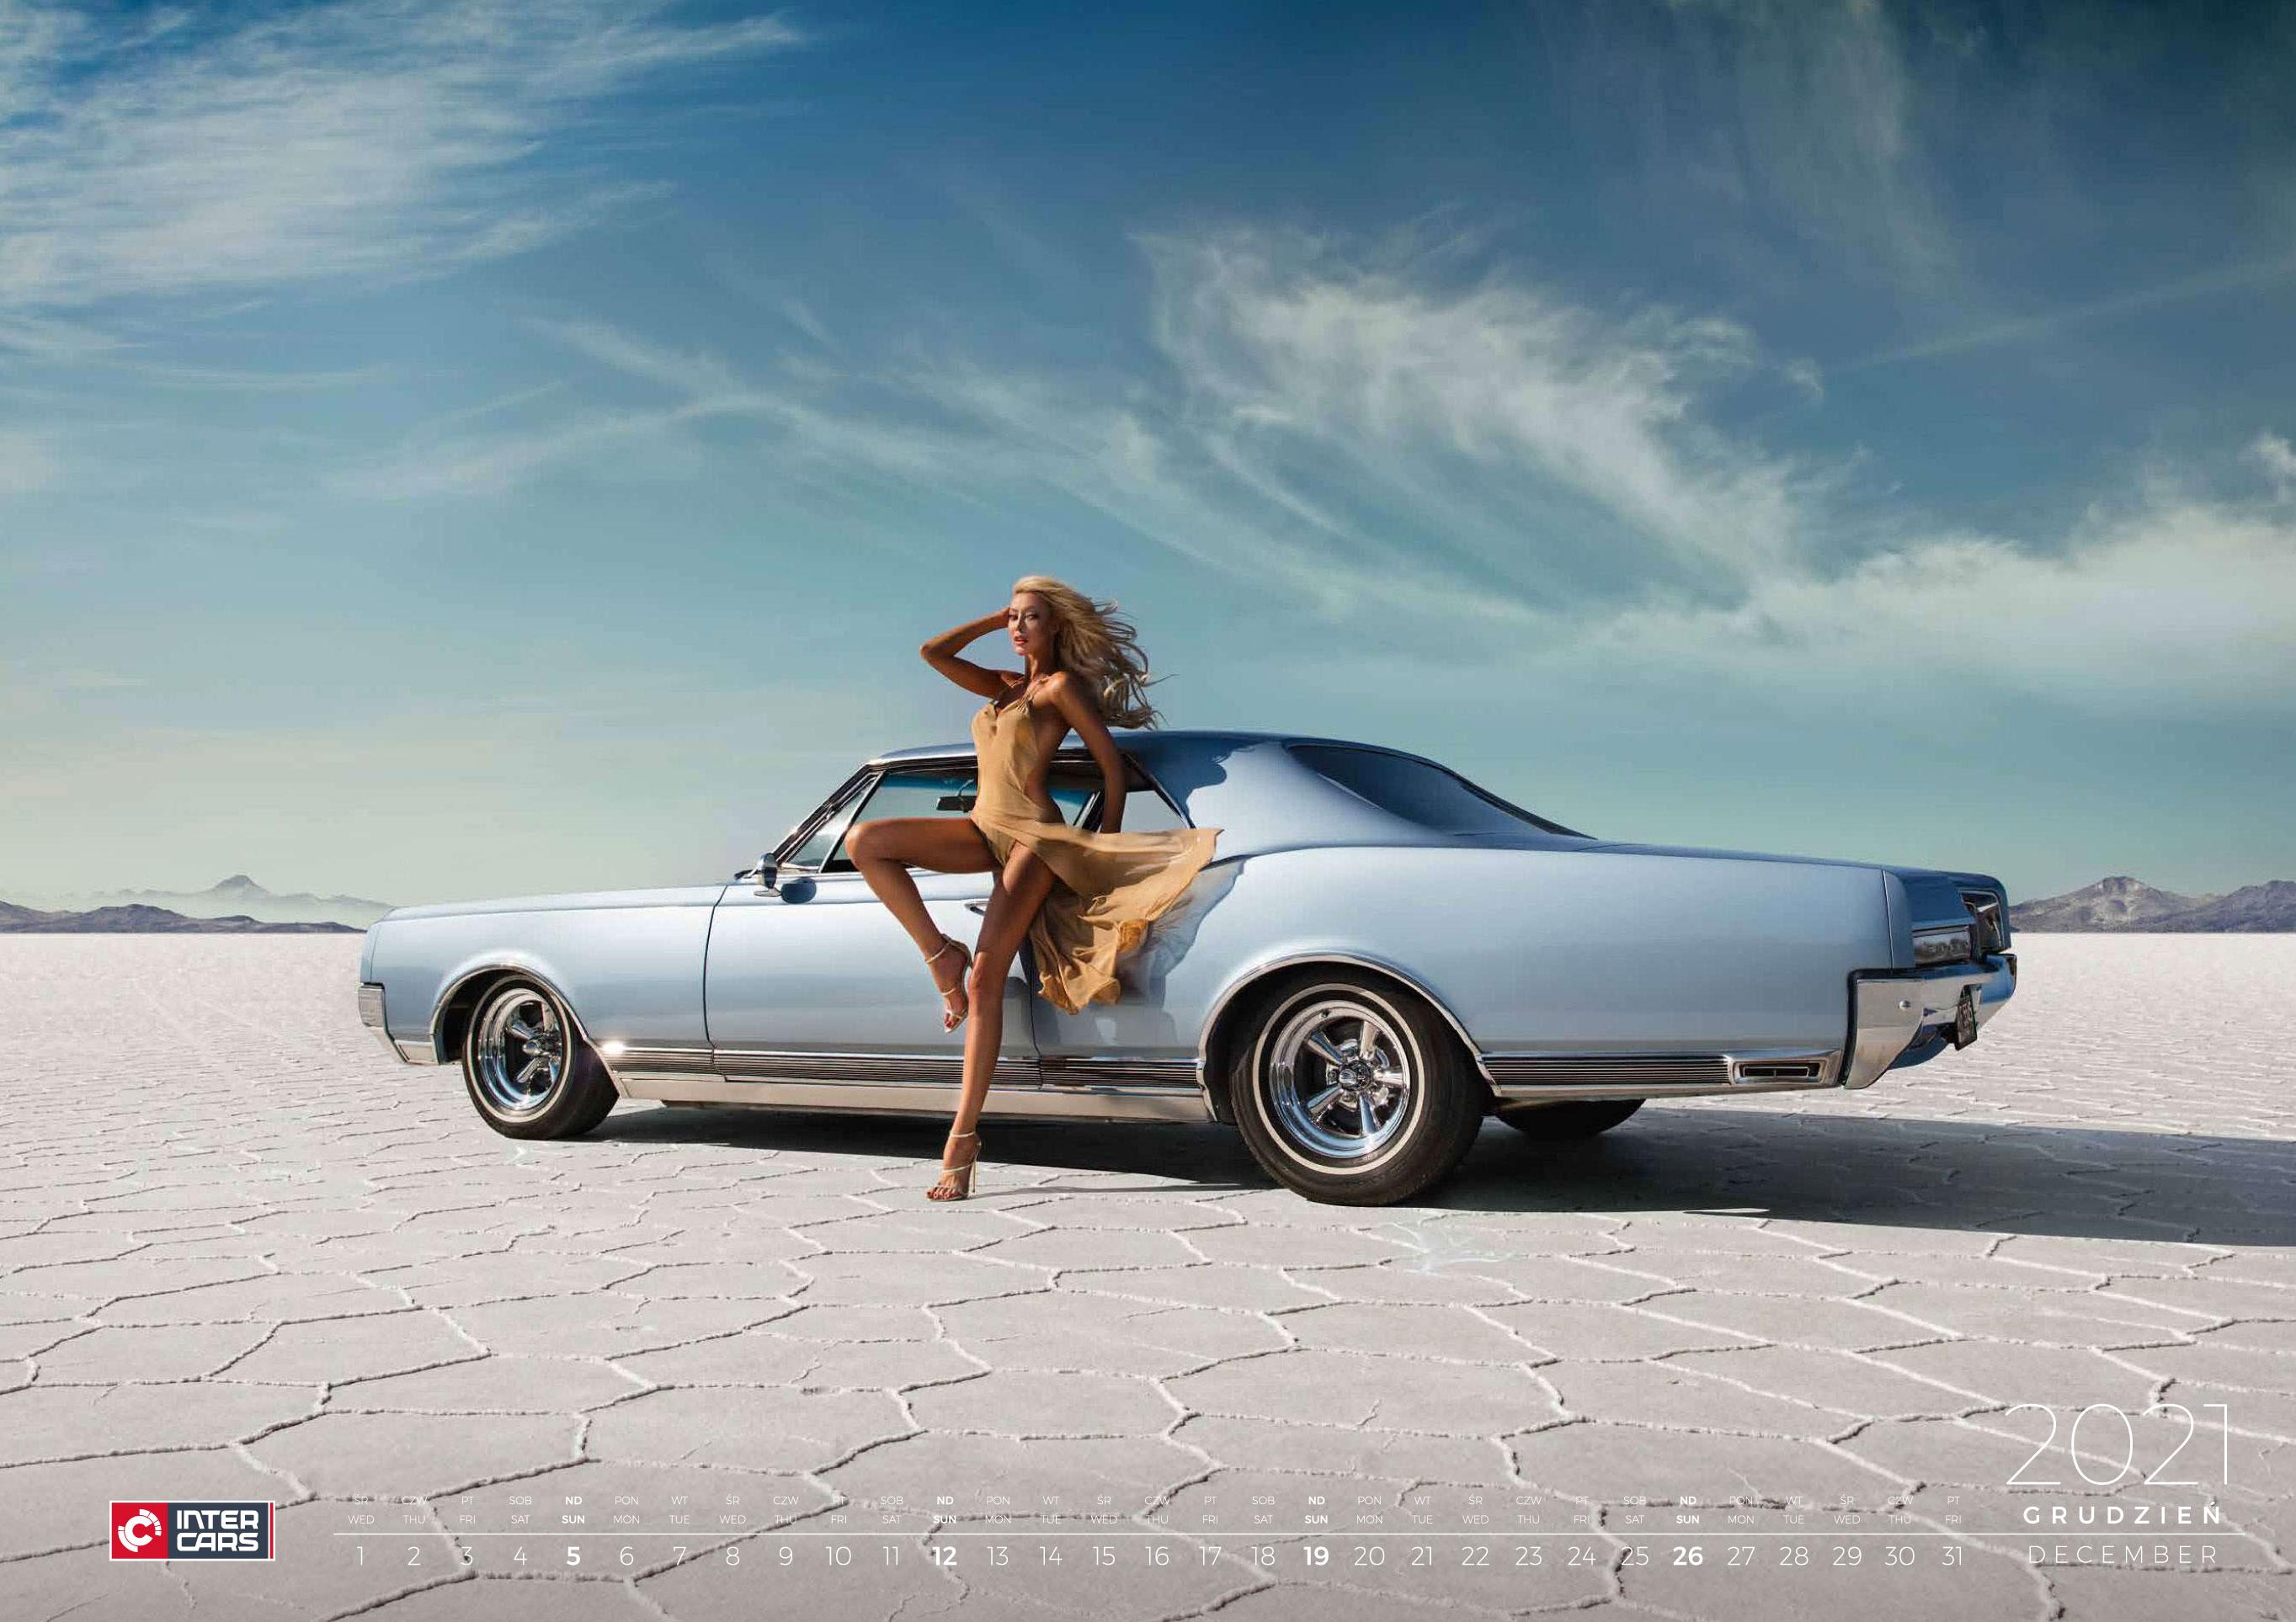 календарь с девушками и автомобилями на 2021 год / декабрь